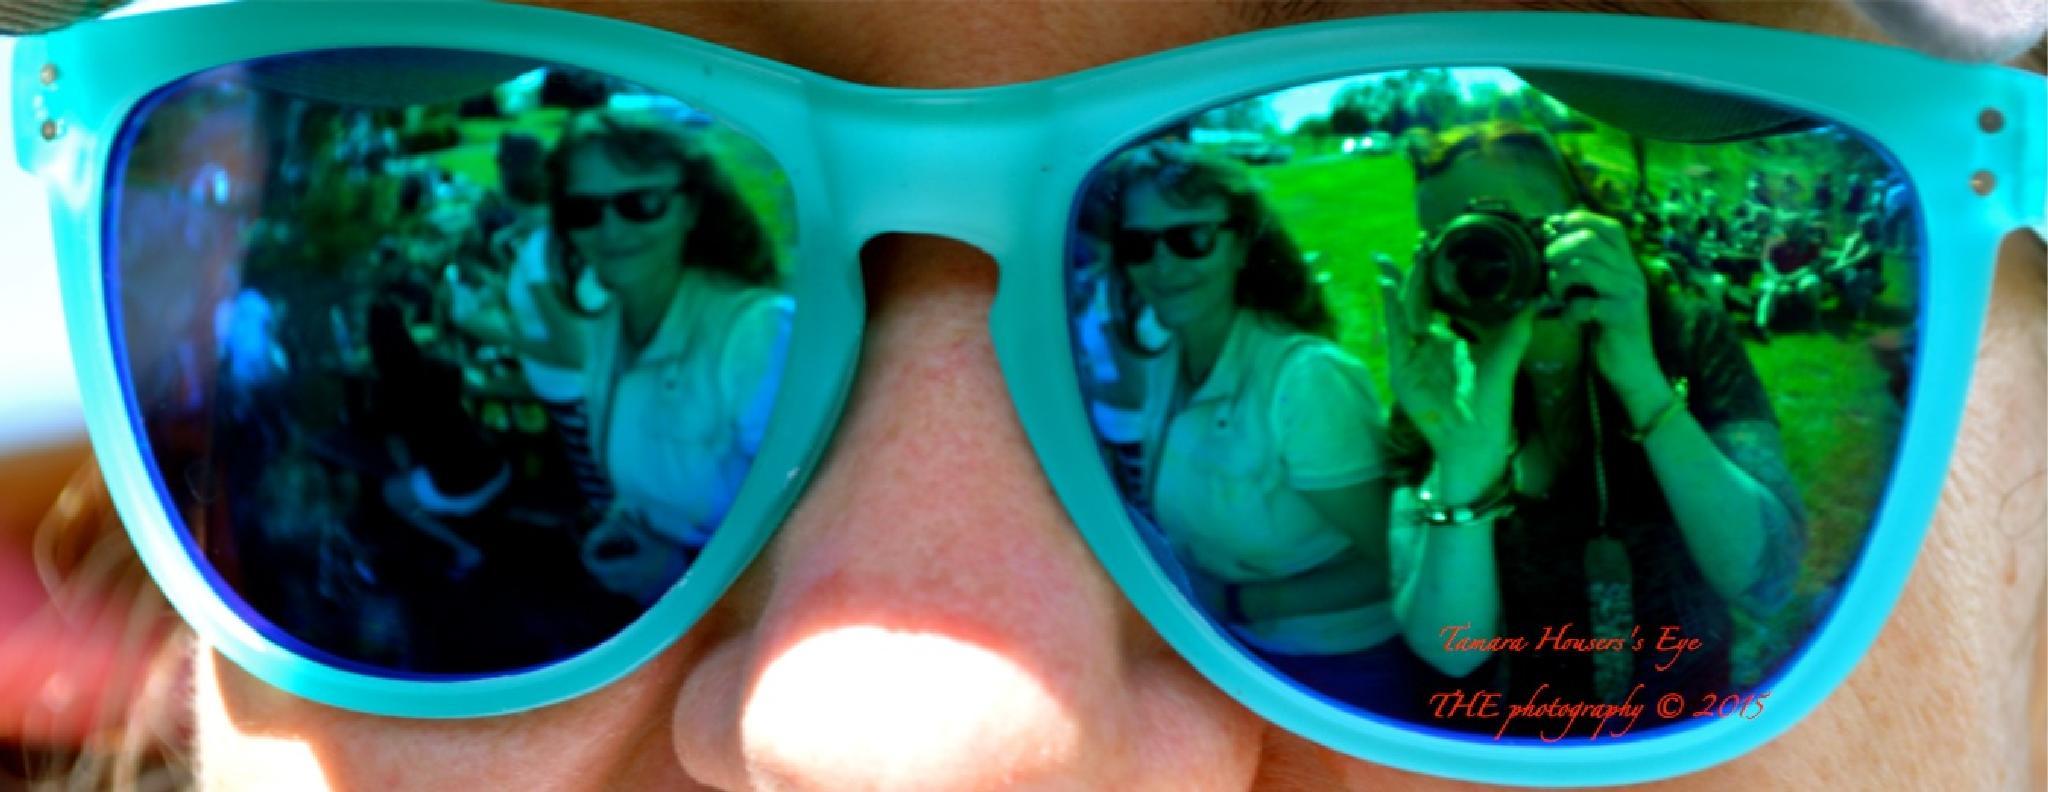 I see you..... by Tamara Housers Eye